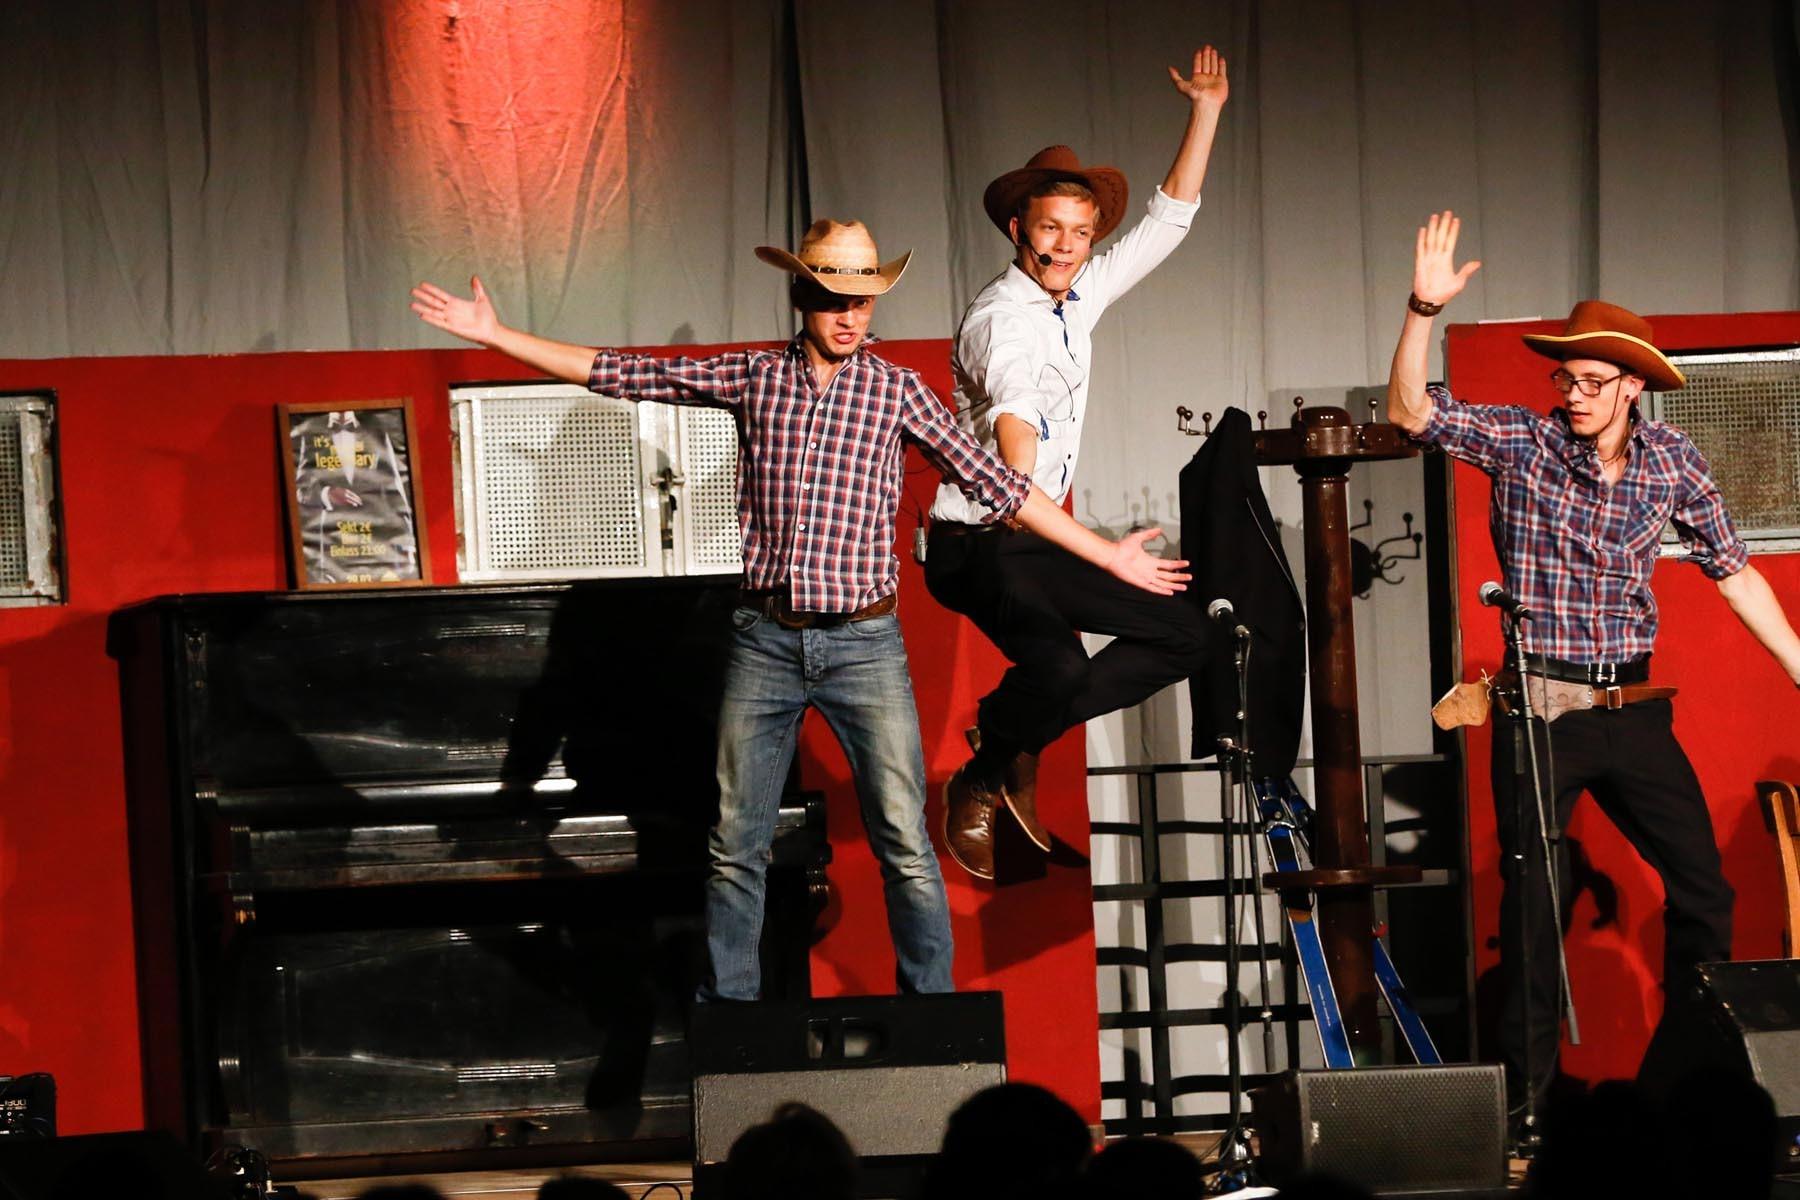 Auf diesem Abiball-Foto sieht man drei Cowboys bei einem Western-Tanz. Sehr amüsant!